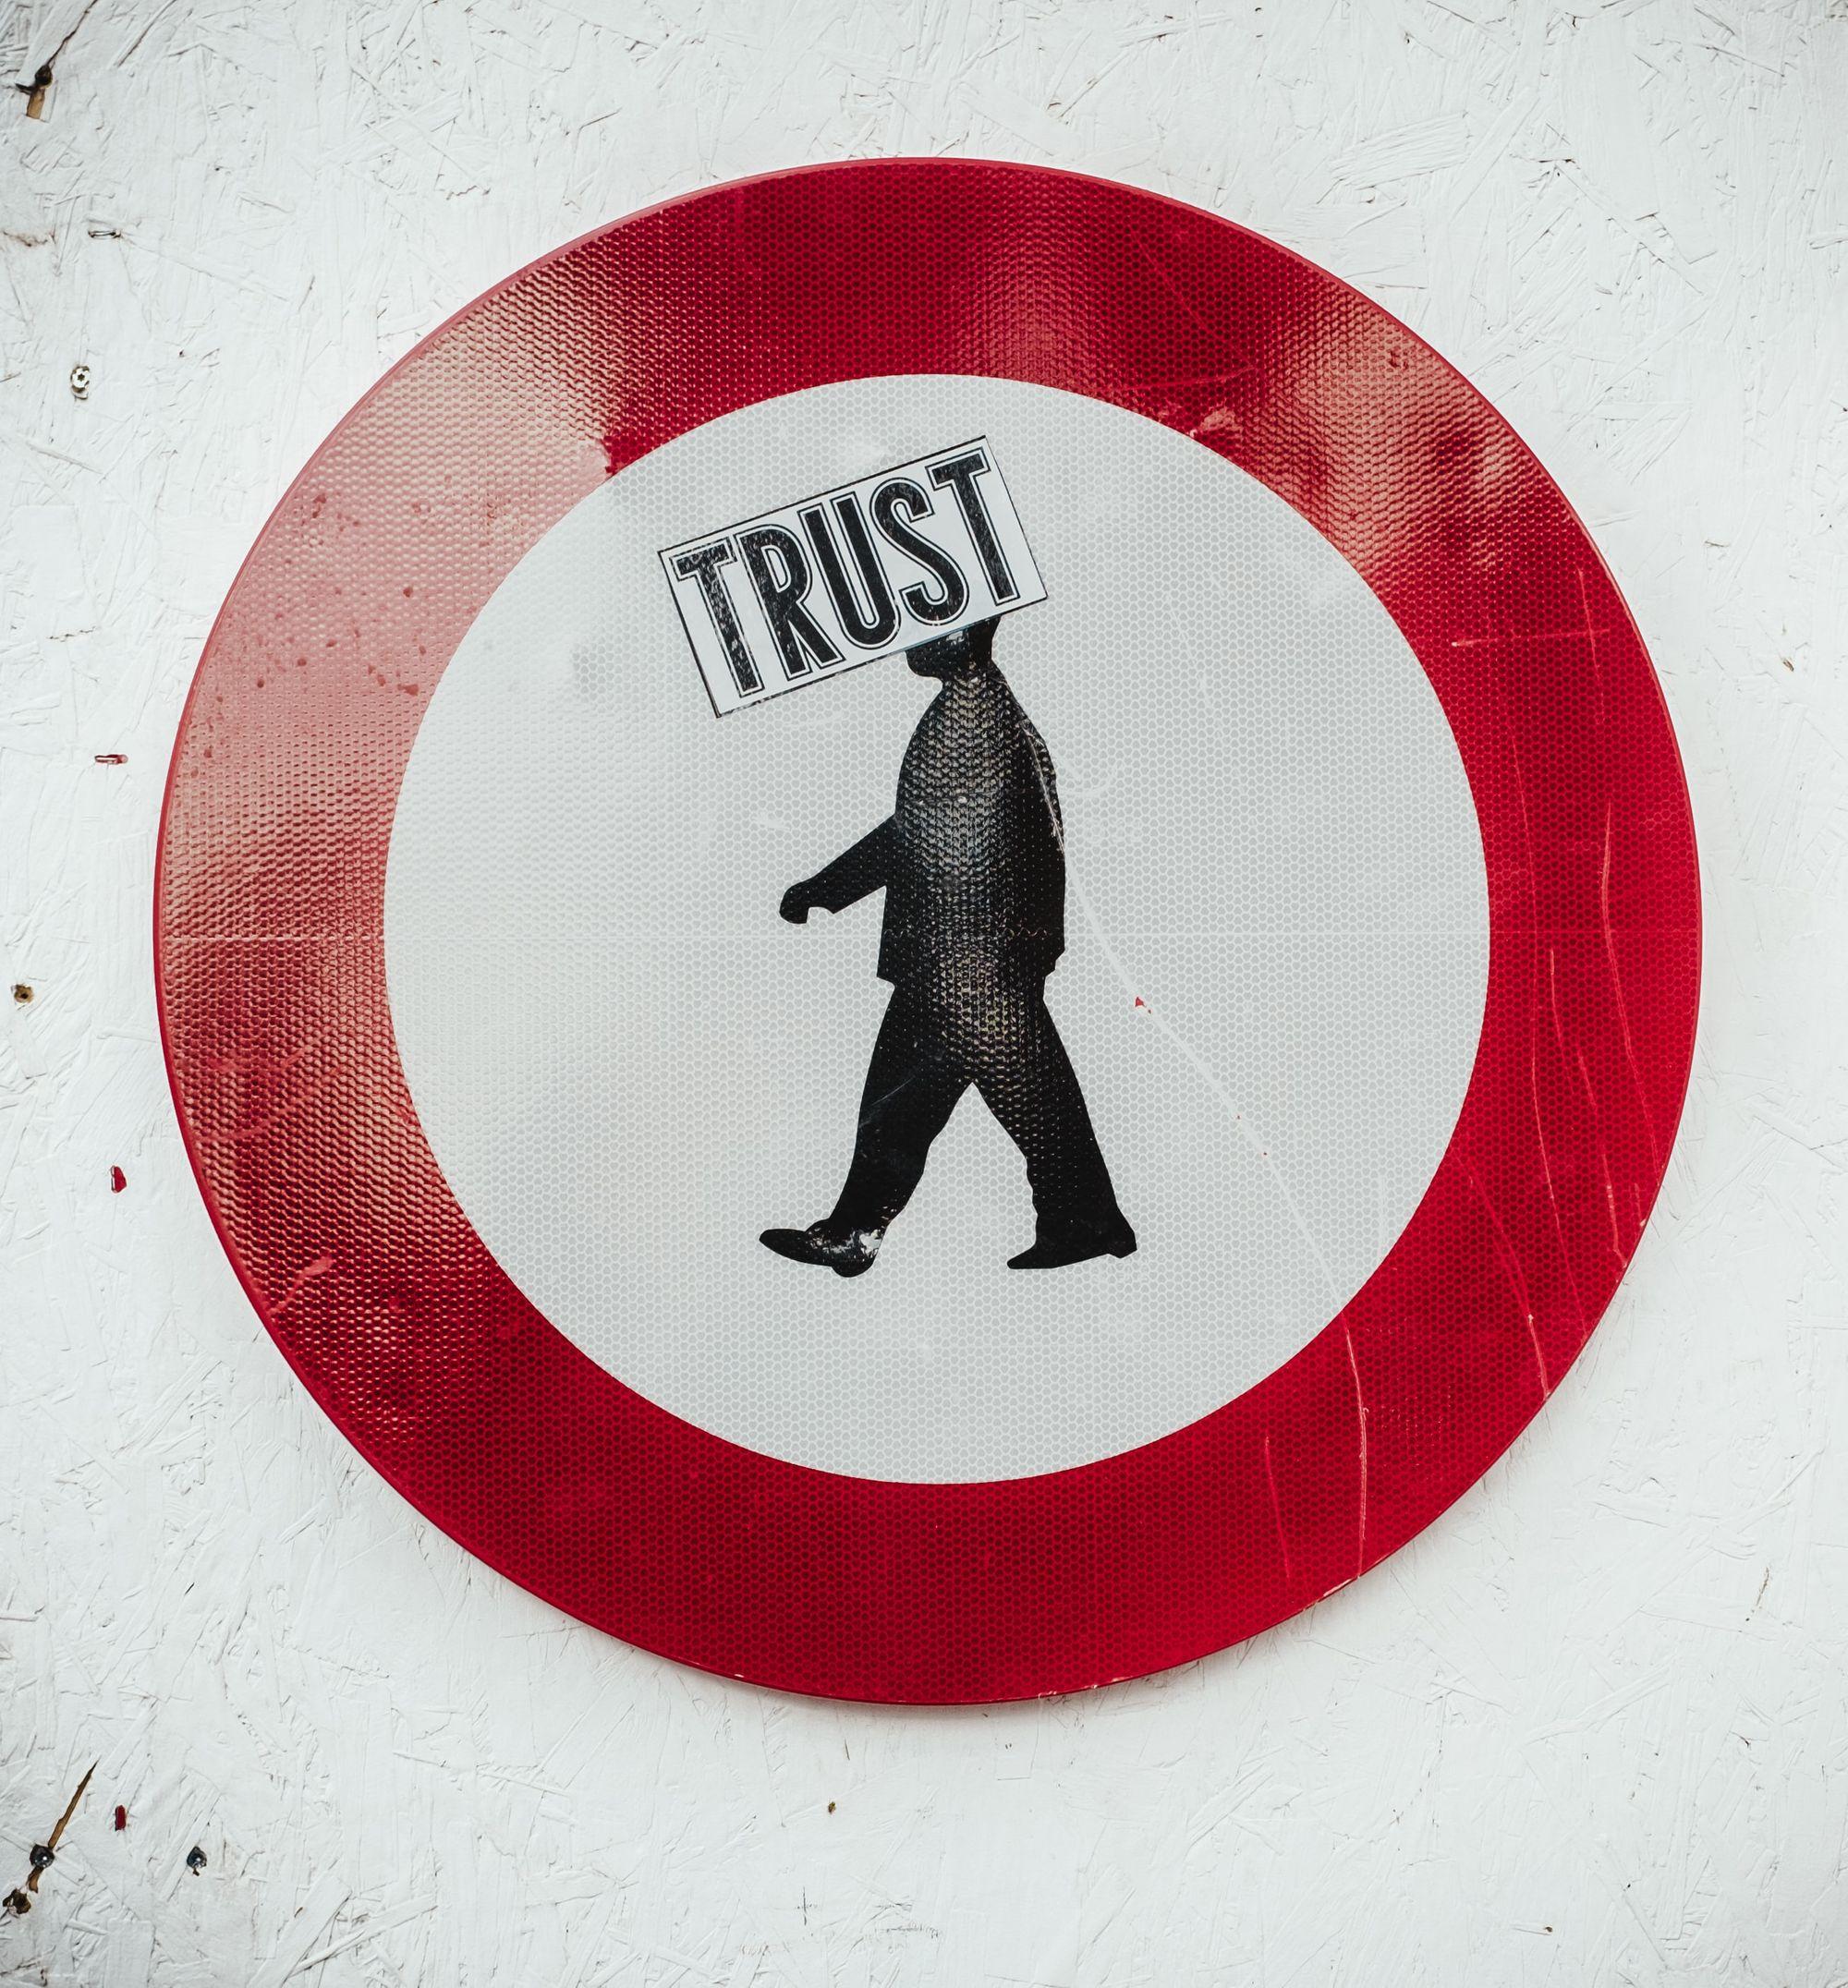 Безопасность – ответственность консультанта